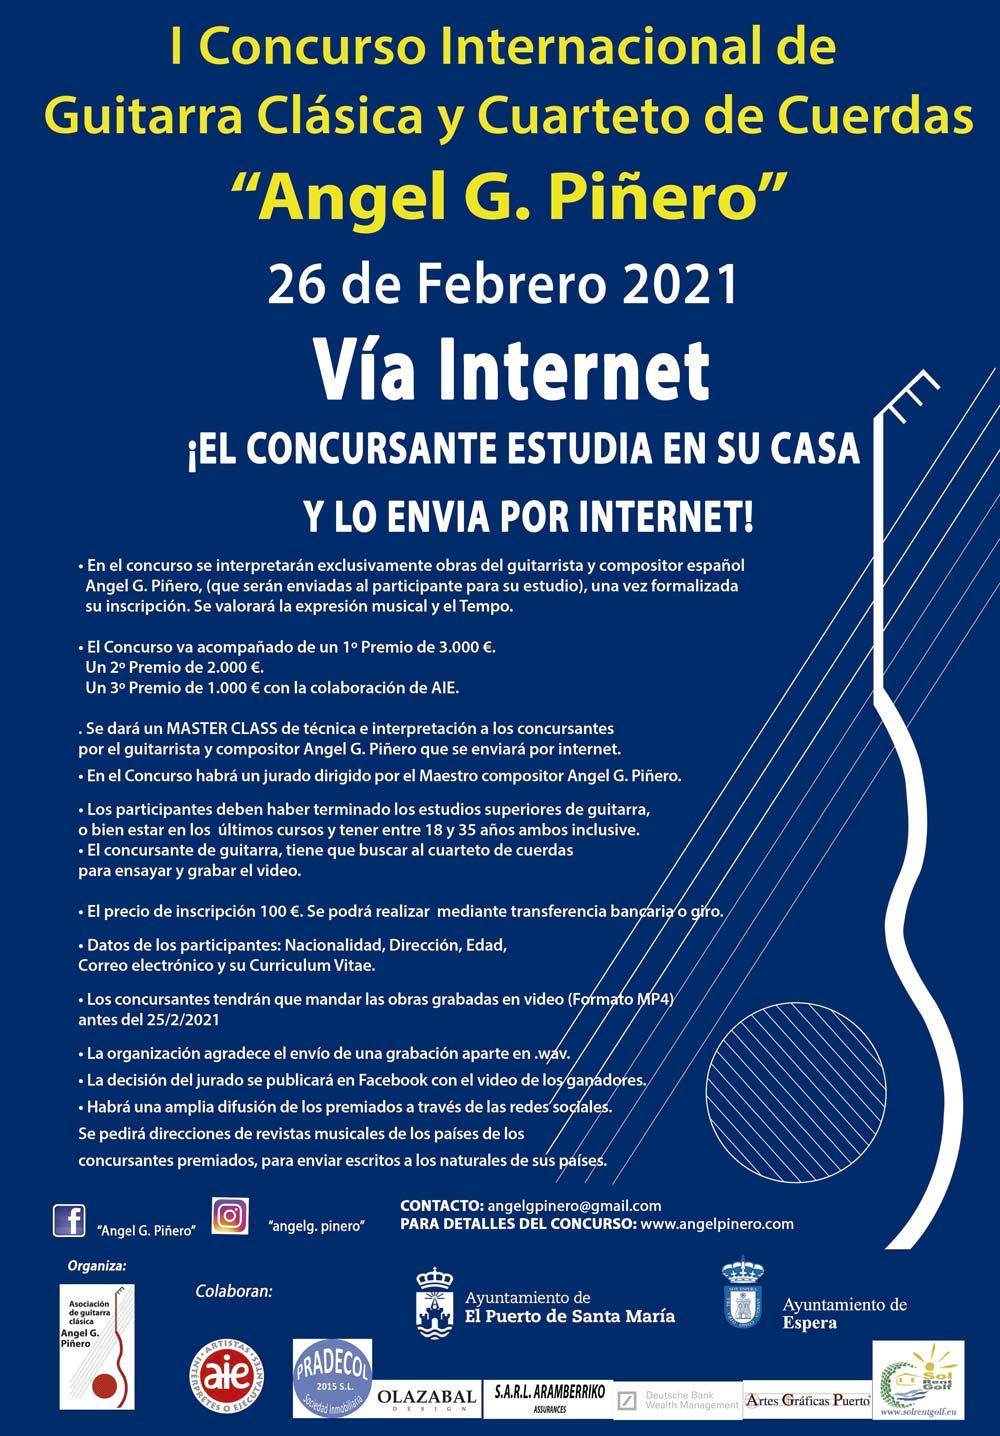 Cartel Concurso Internacional de Guitarra Clásica y Cuarteto de Cuerdas Angel G. Piñero 2021